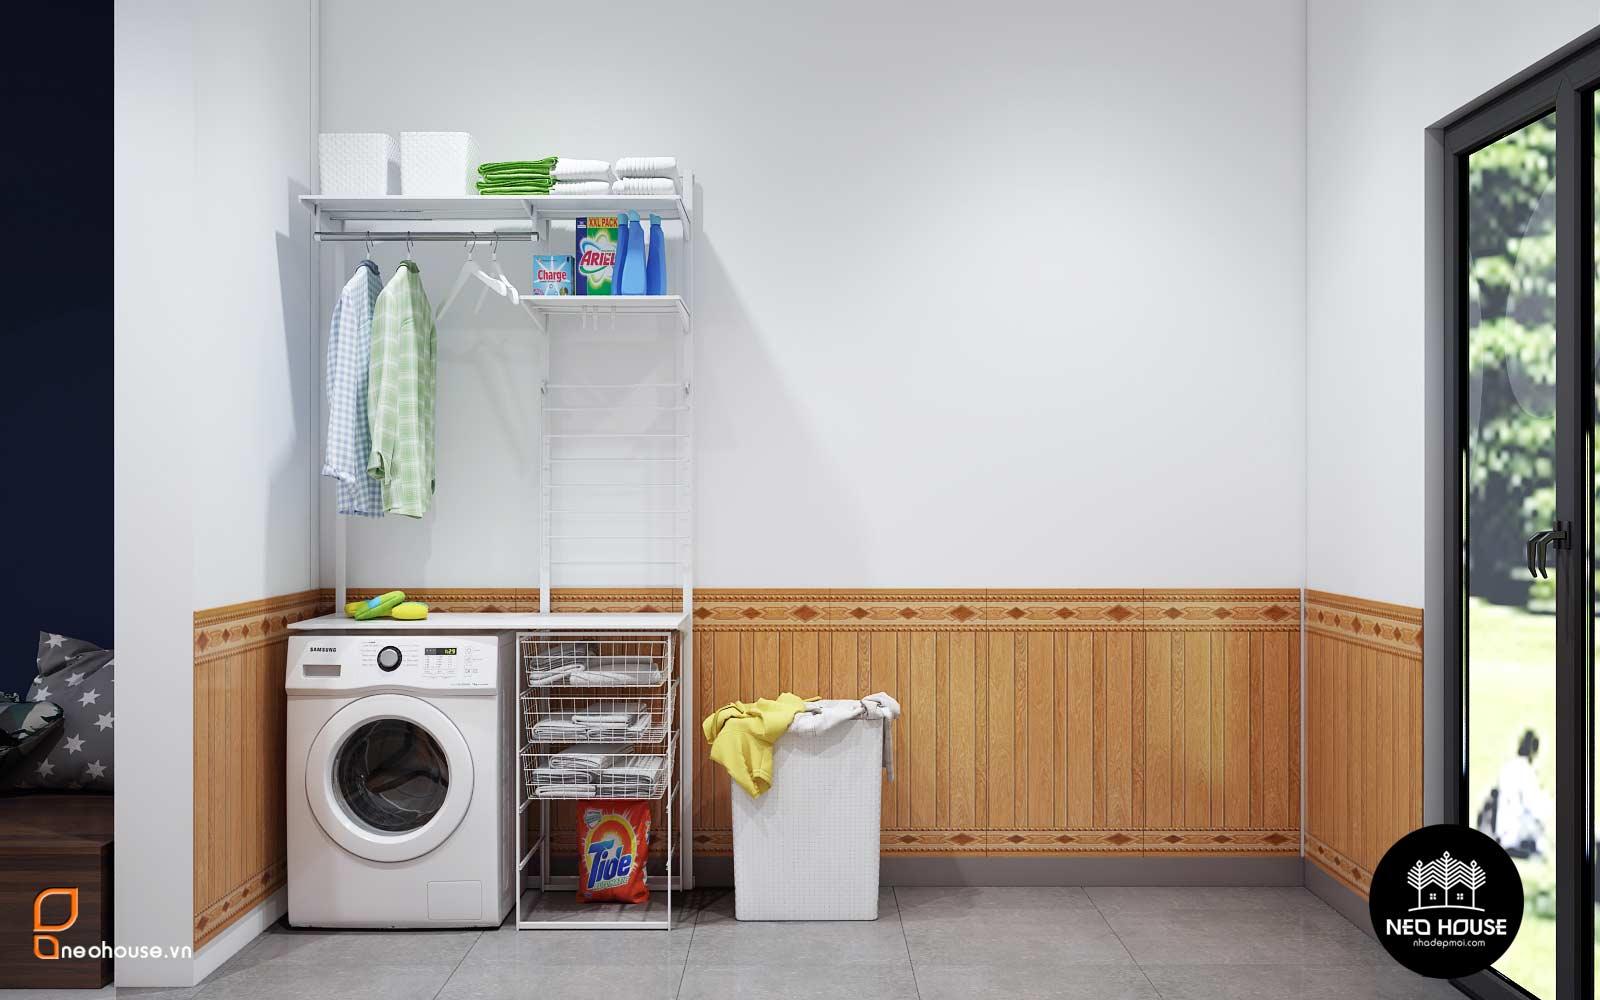 thiết kế nội thất phòng giặt ủi neohouse